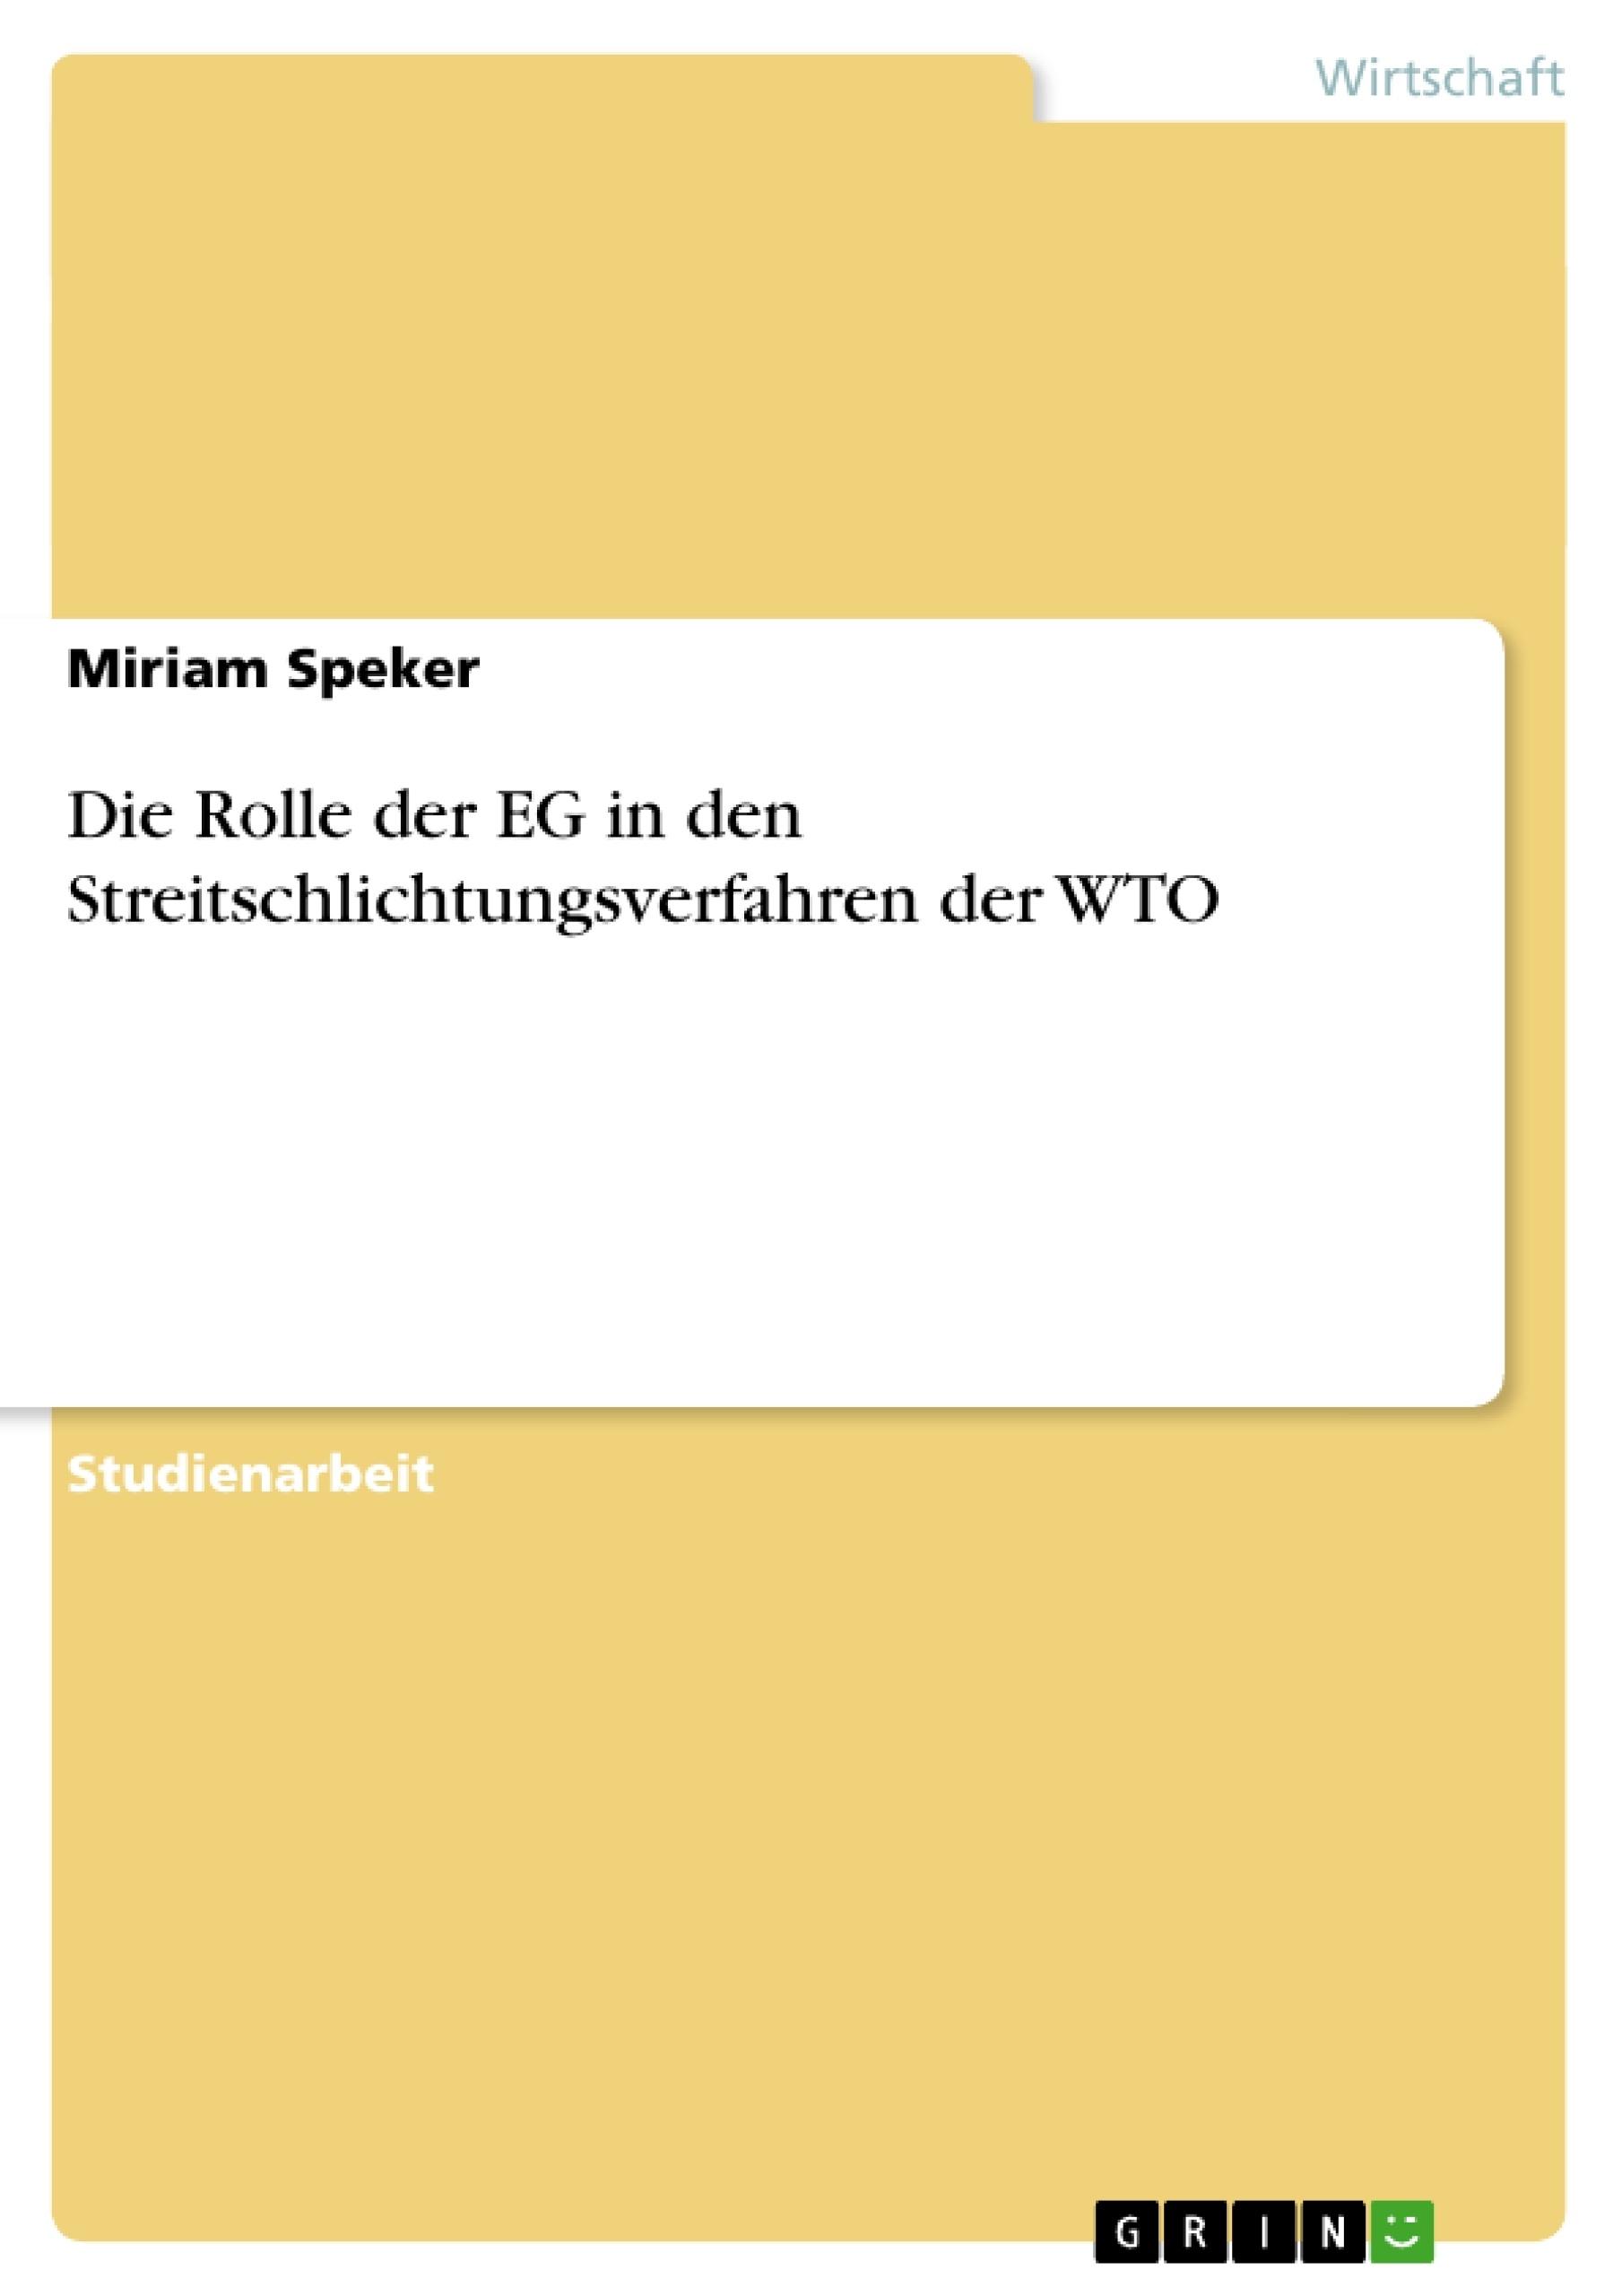 Titel: Die Rolle der EG in den Streitschlichtungsverfahren der WTO